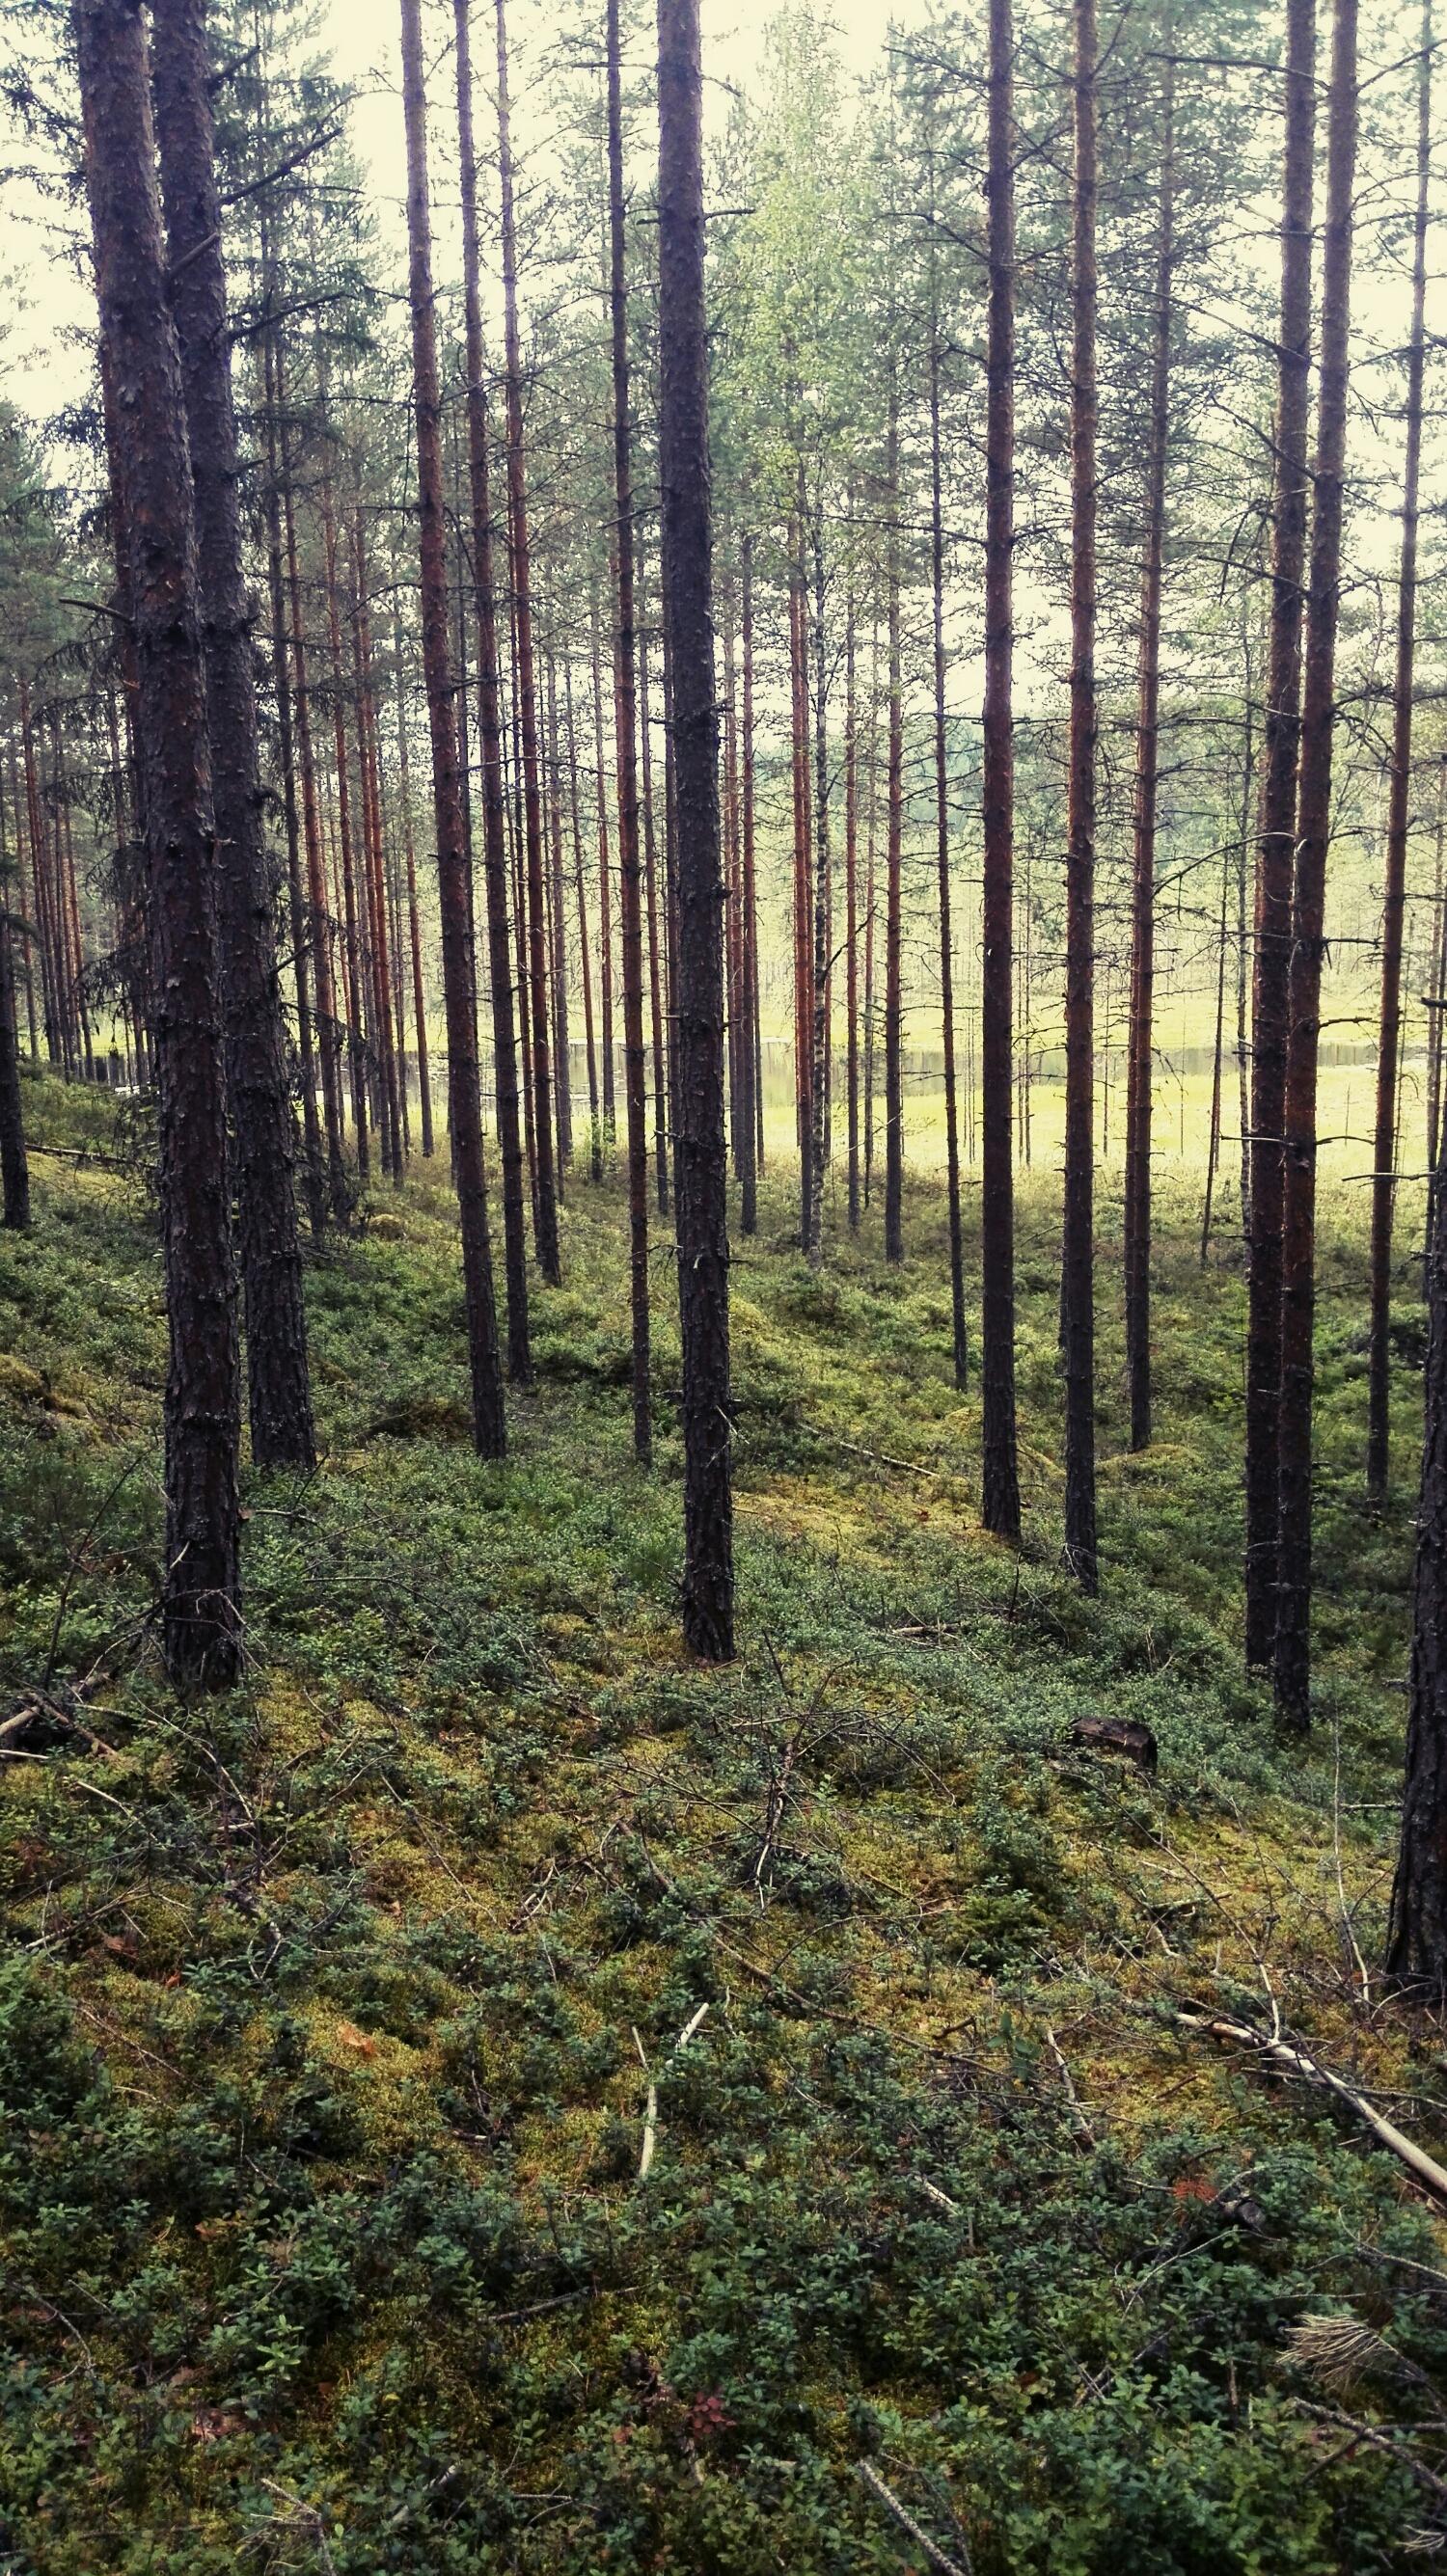 Muistan vieläkin sen tunteen kun tajusin paikan luonnonrikkauden ja monipuolisuuden. Kuvassa läheinen metsä, jonne juoksin alussa paljon silloin kun kaipasin olla yksin Jumalan kanssa.